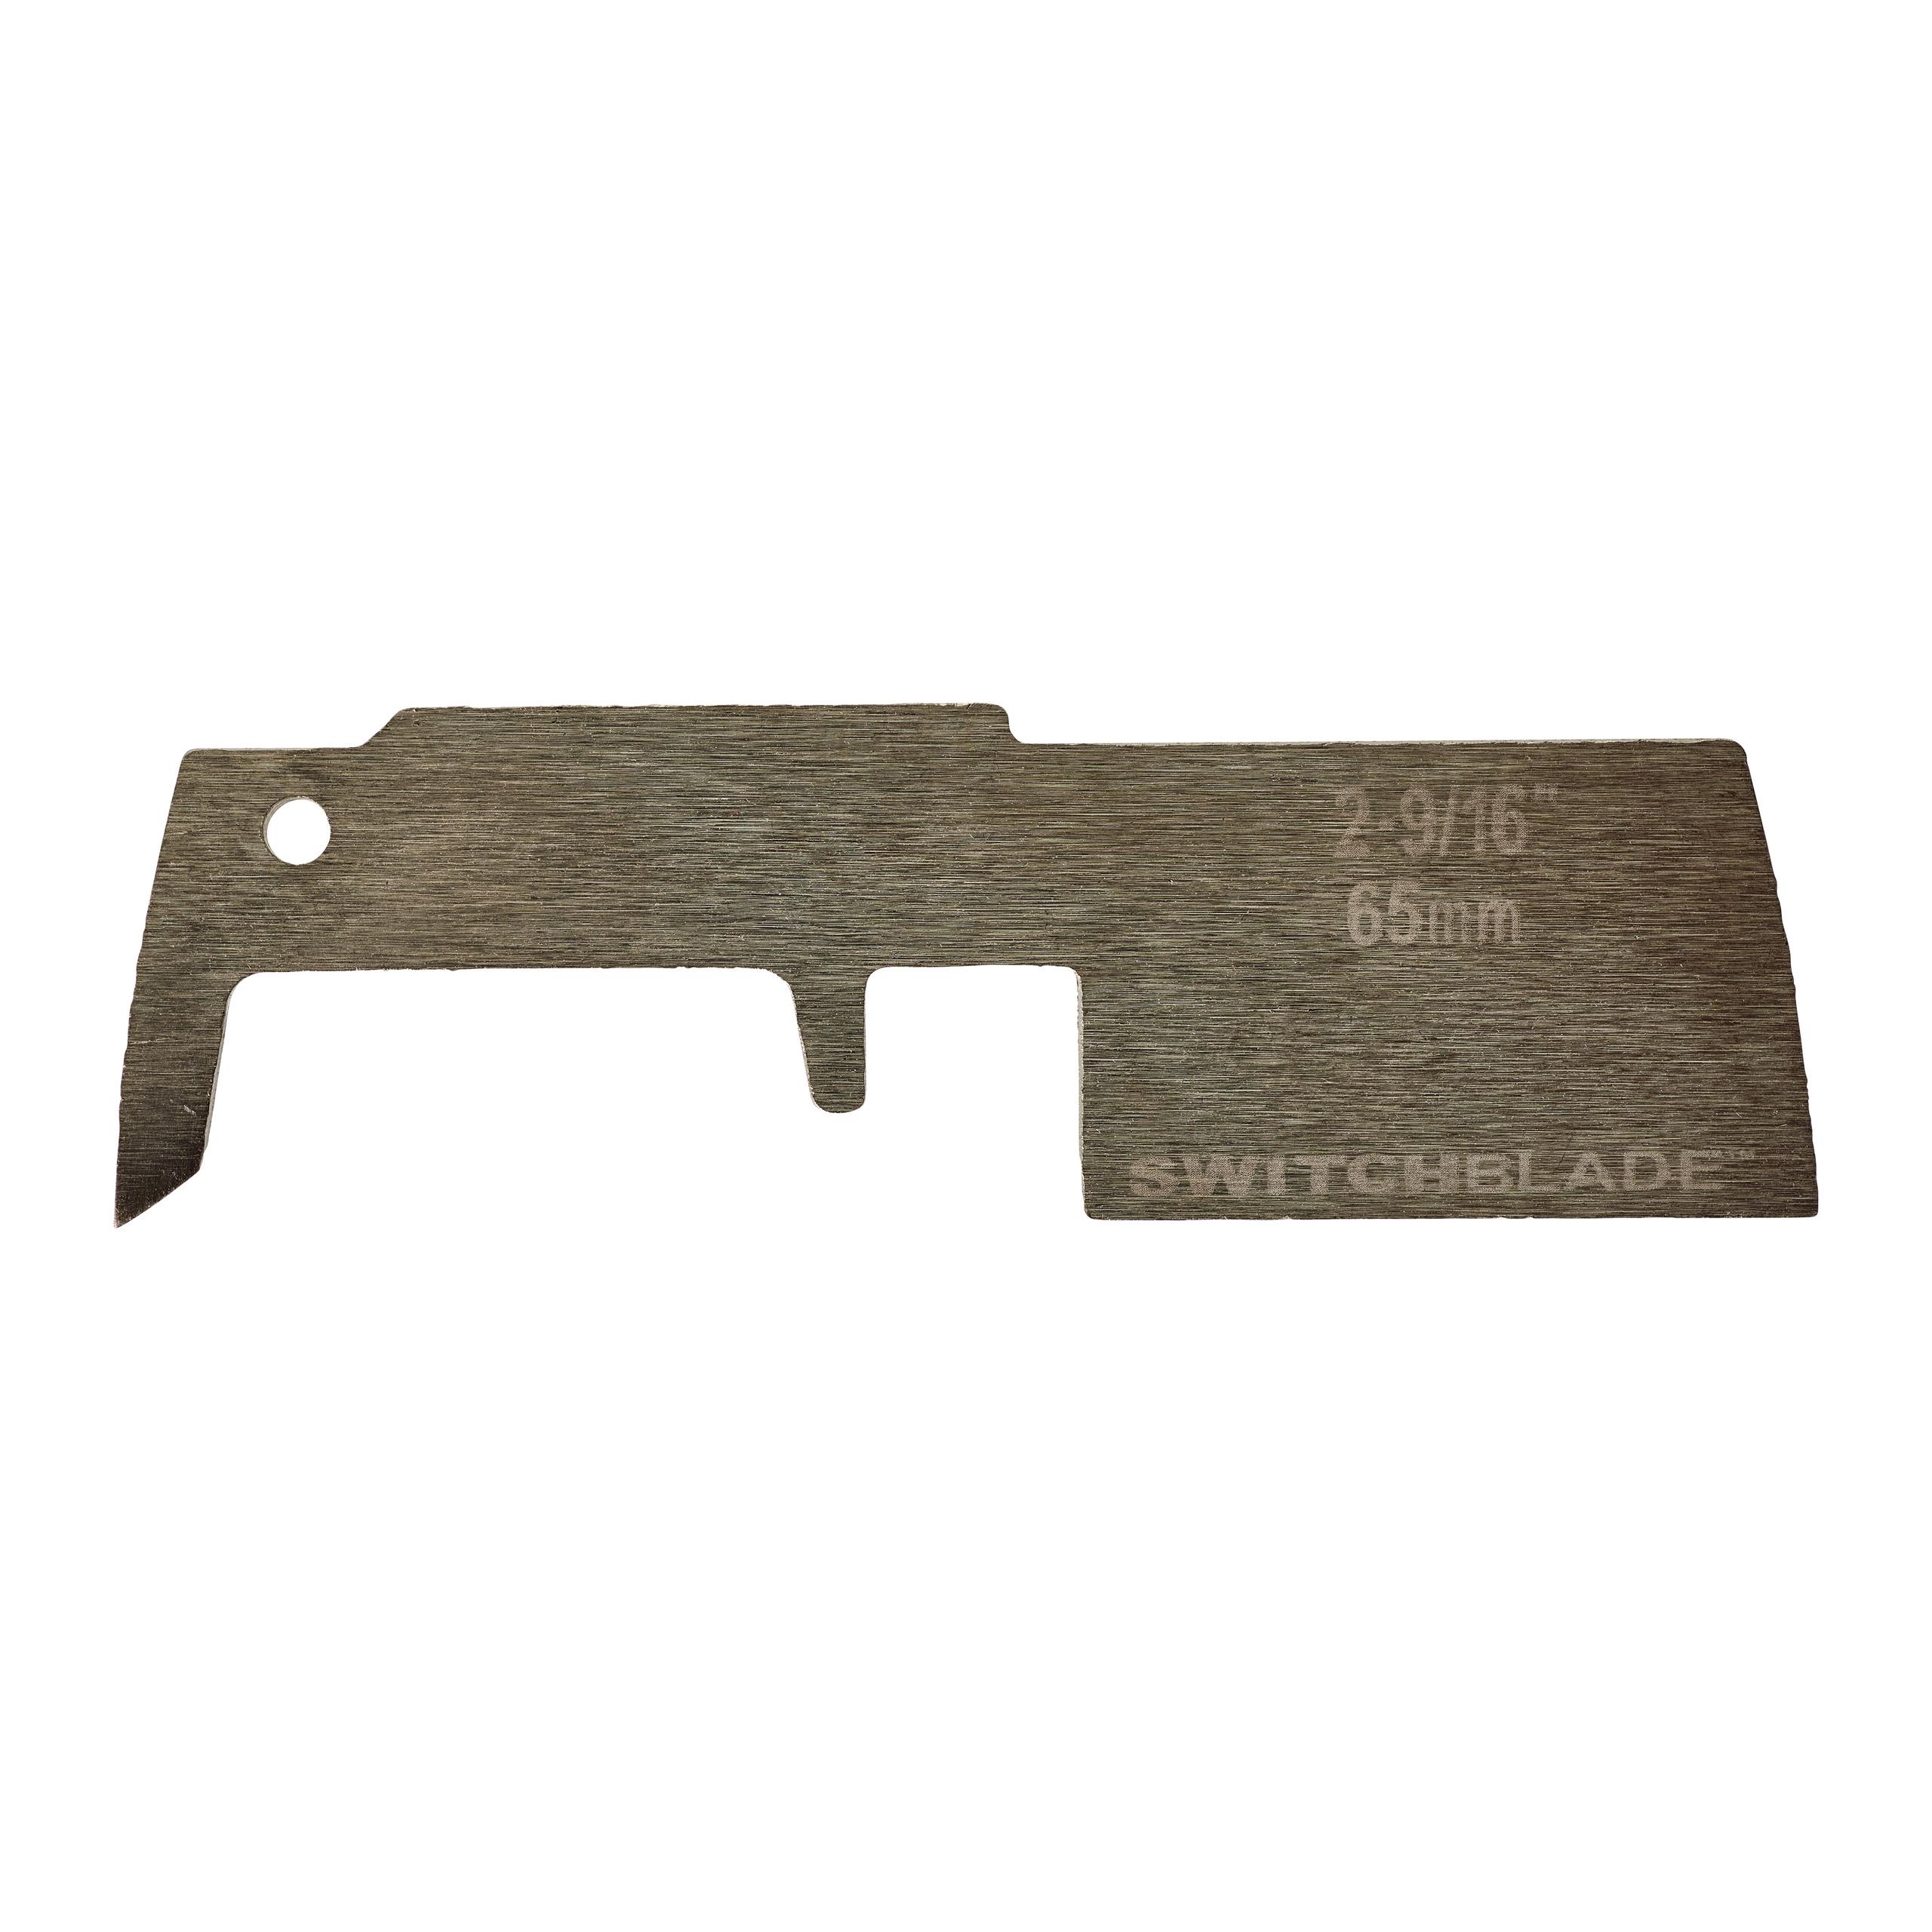 Náhradní plátky pro SWITCHBLADE Ø 65 mm